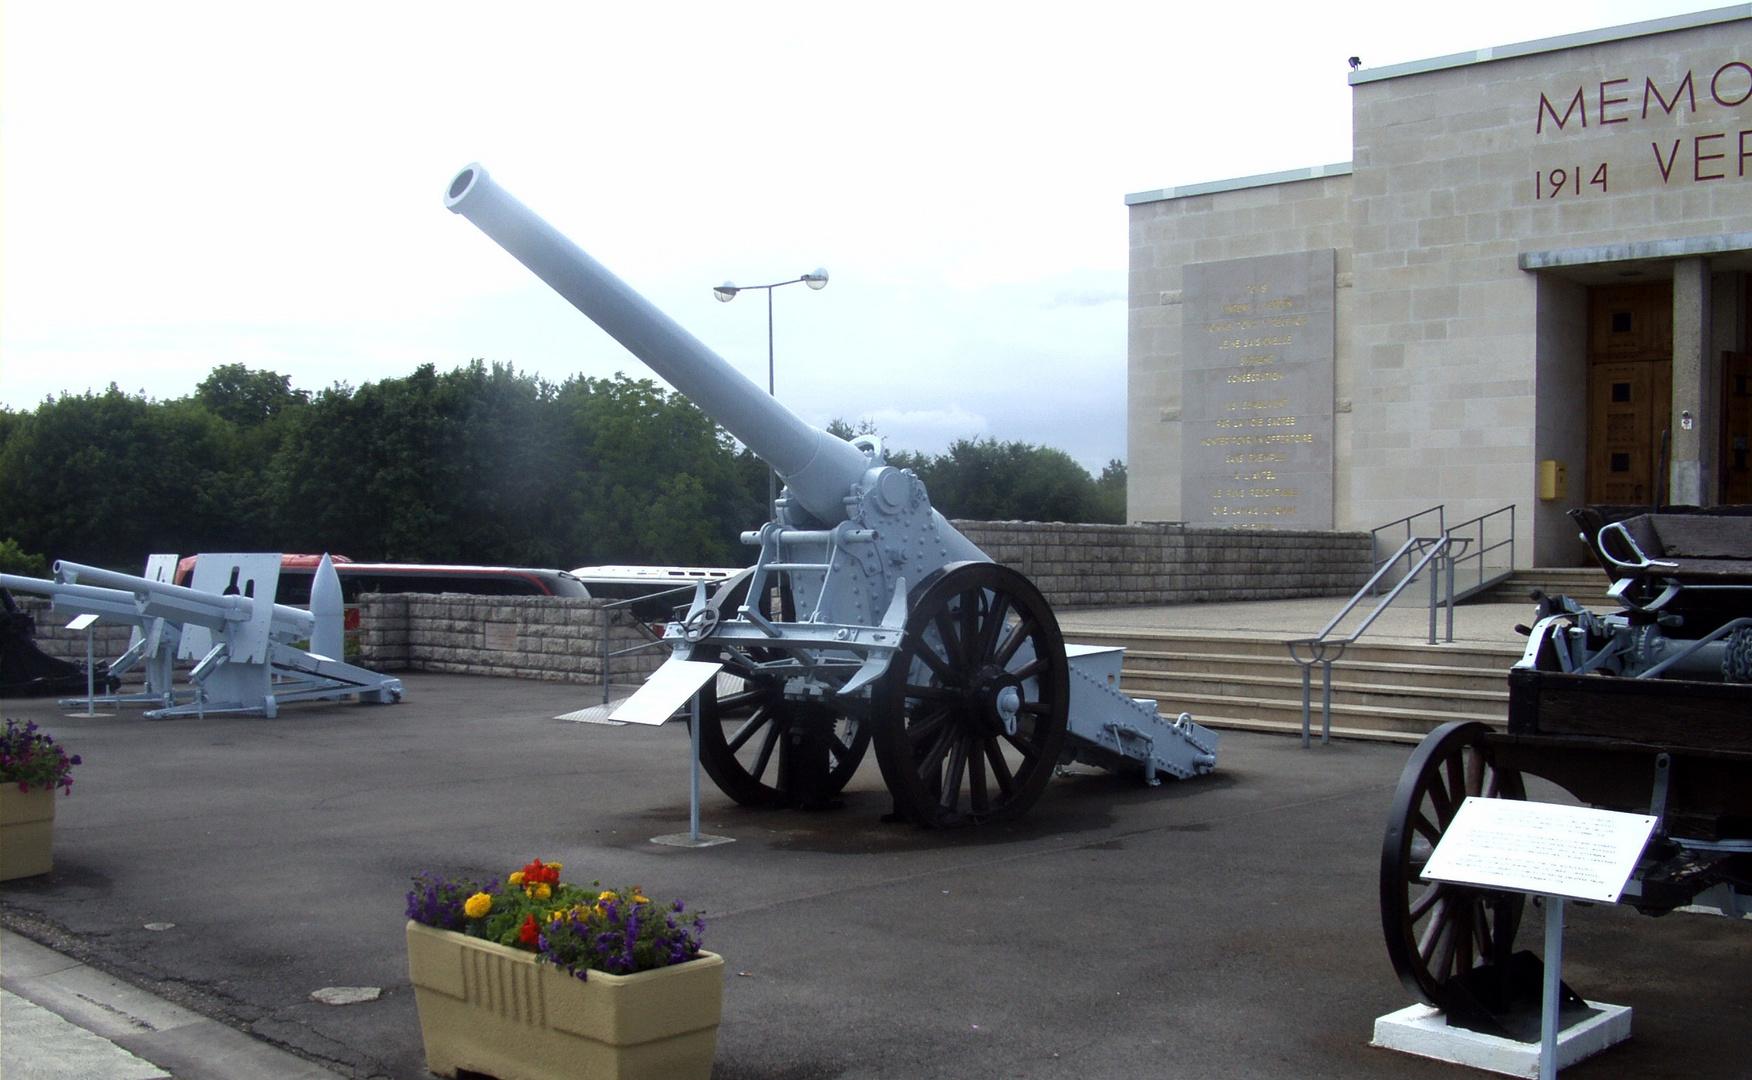 Mémorial de Verdun (4)